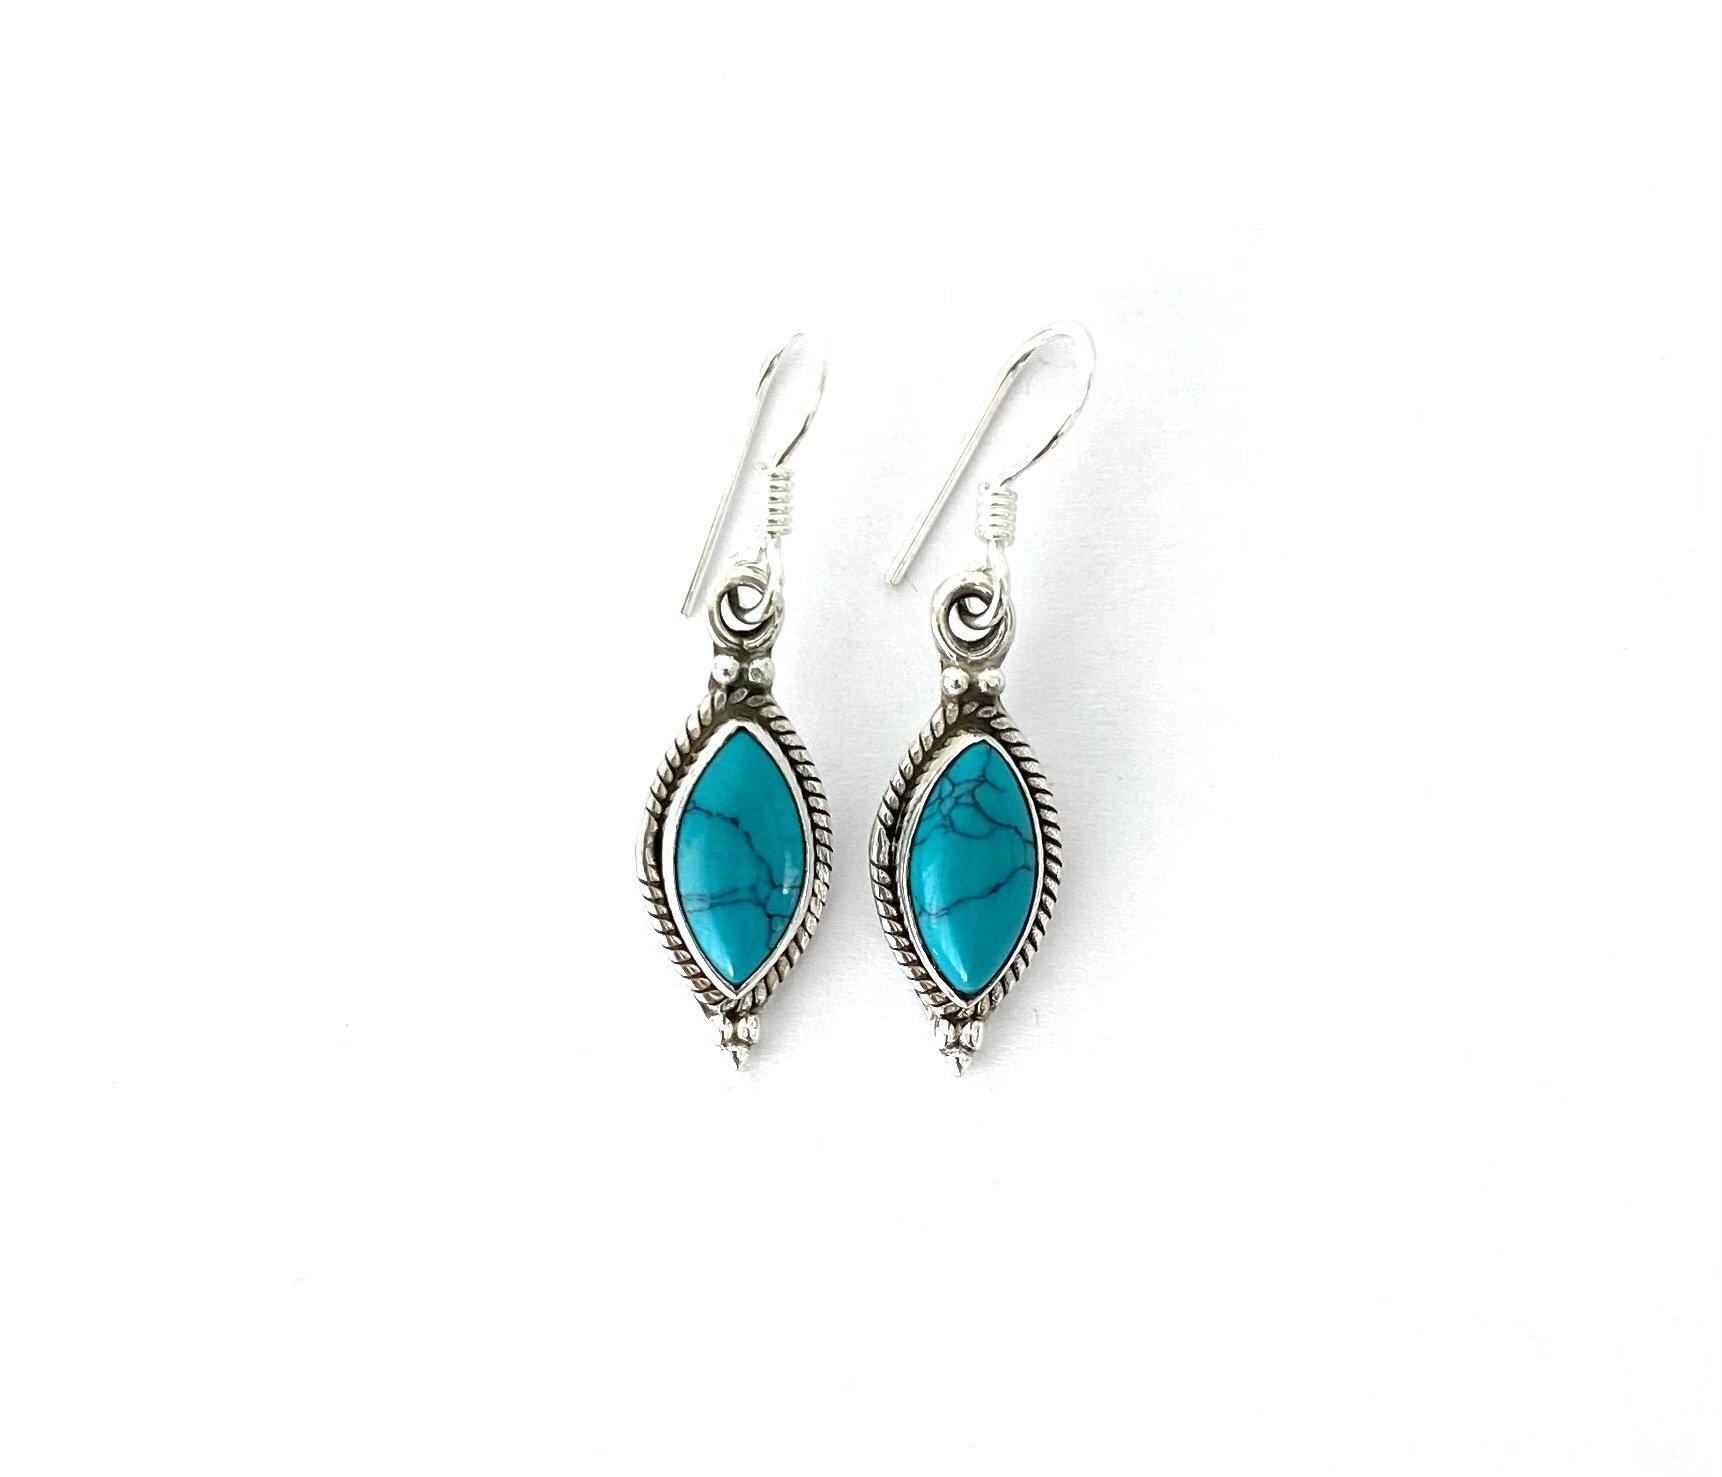 Zilveren oorbellen met turkoois